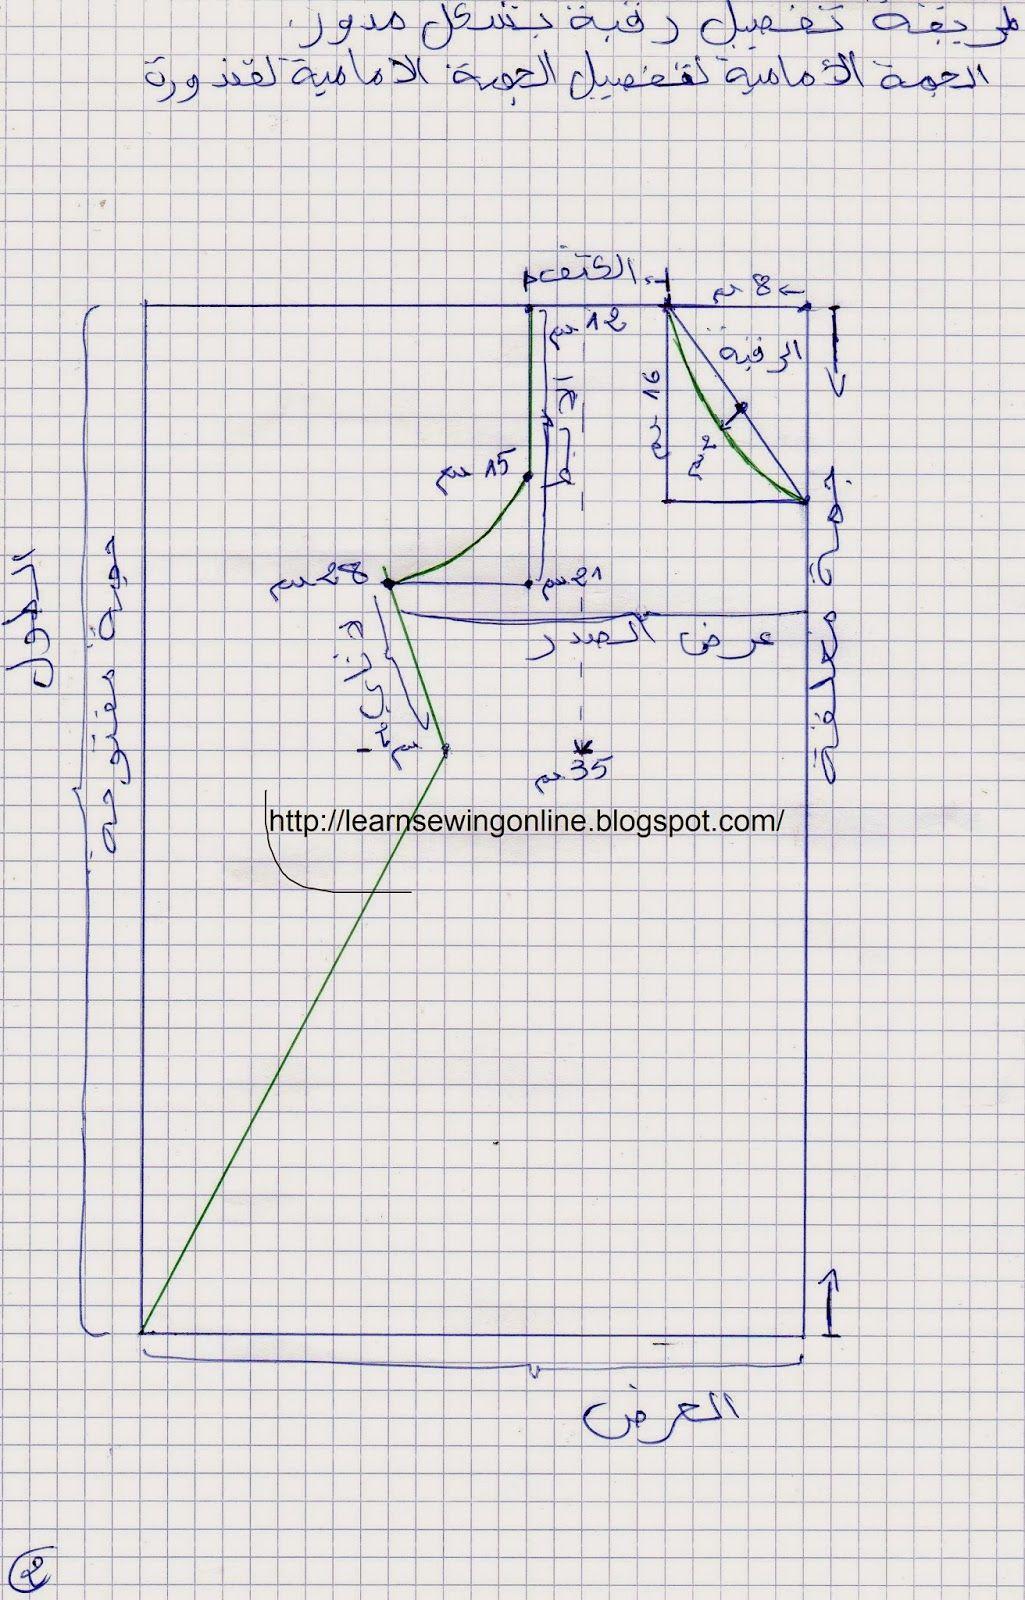 الدرس الثالث في تعليم الخياطة طريقة تفصيل رقبة دائرية هده الرقبة الرقبة الدائرية هي ايصا سهلة تشبه الر Teaching Sewing Couture Sewing Blouse Pattern Sewing